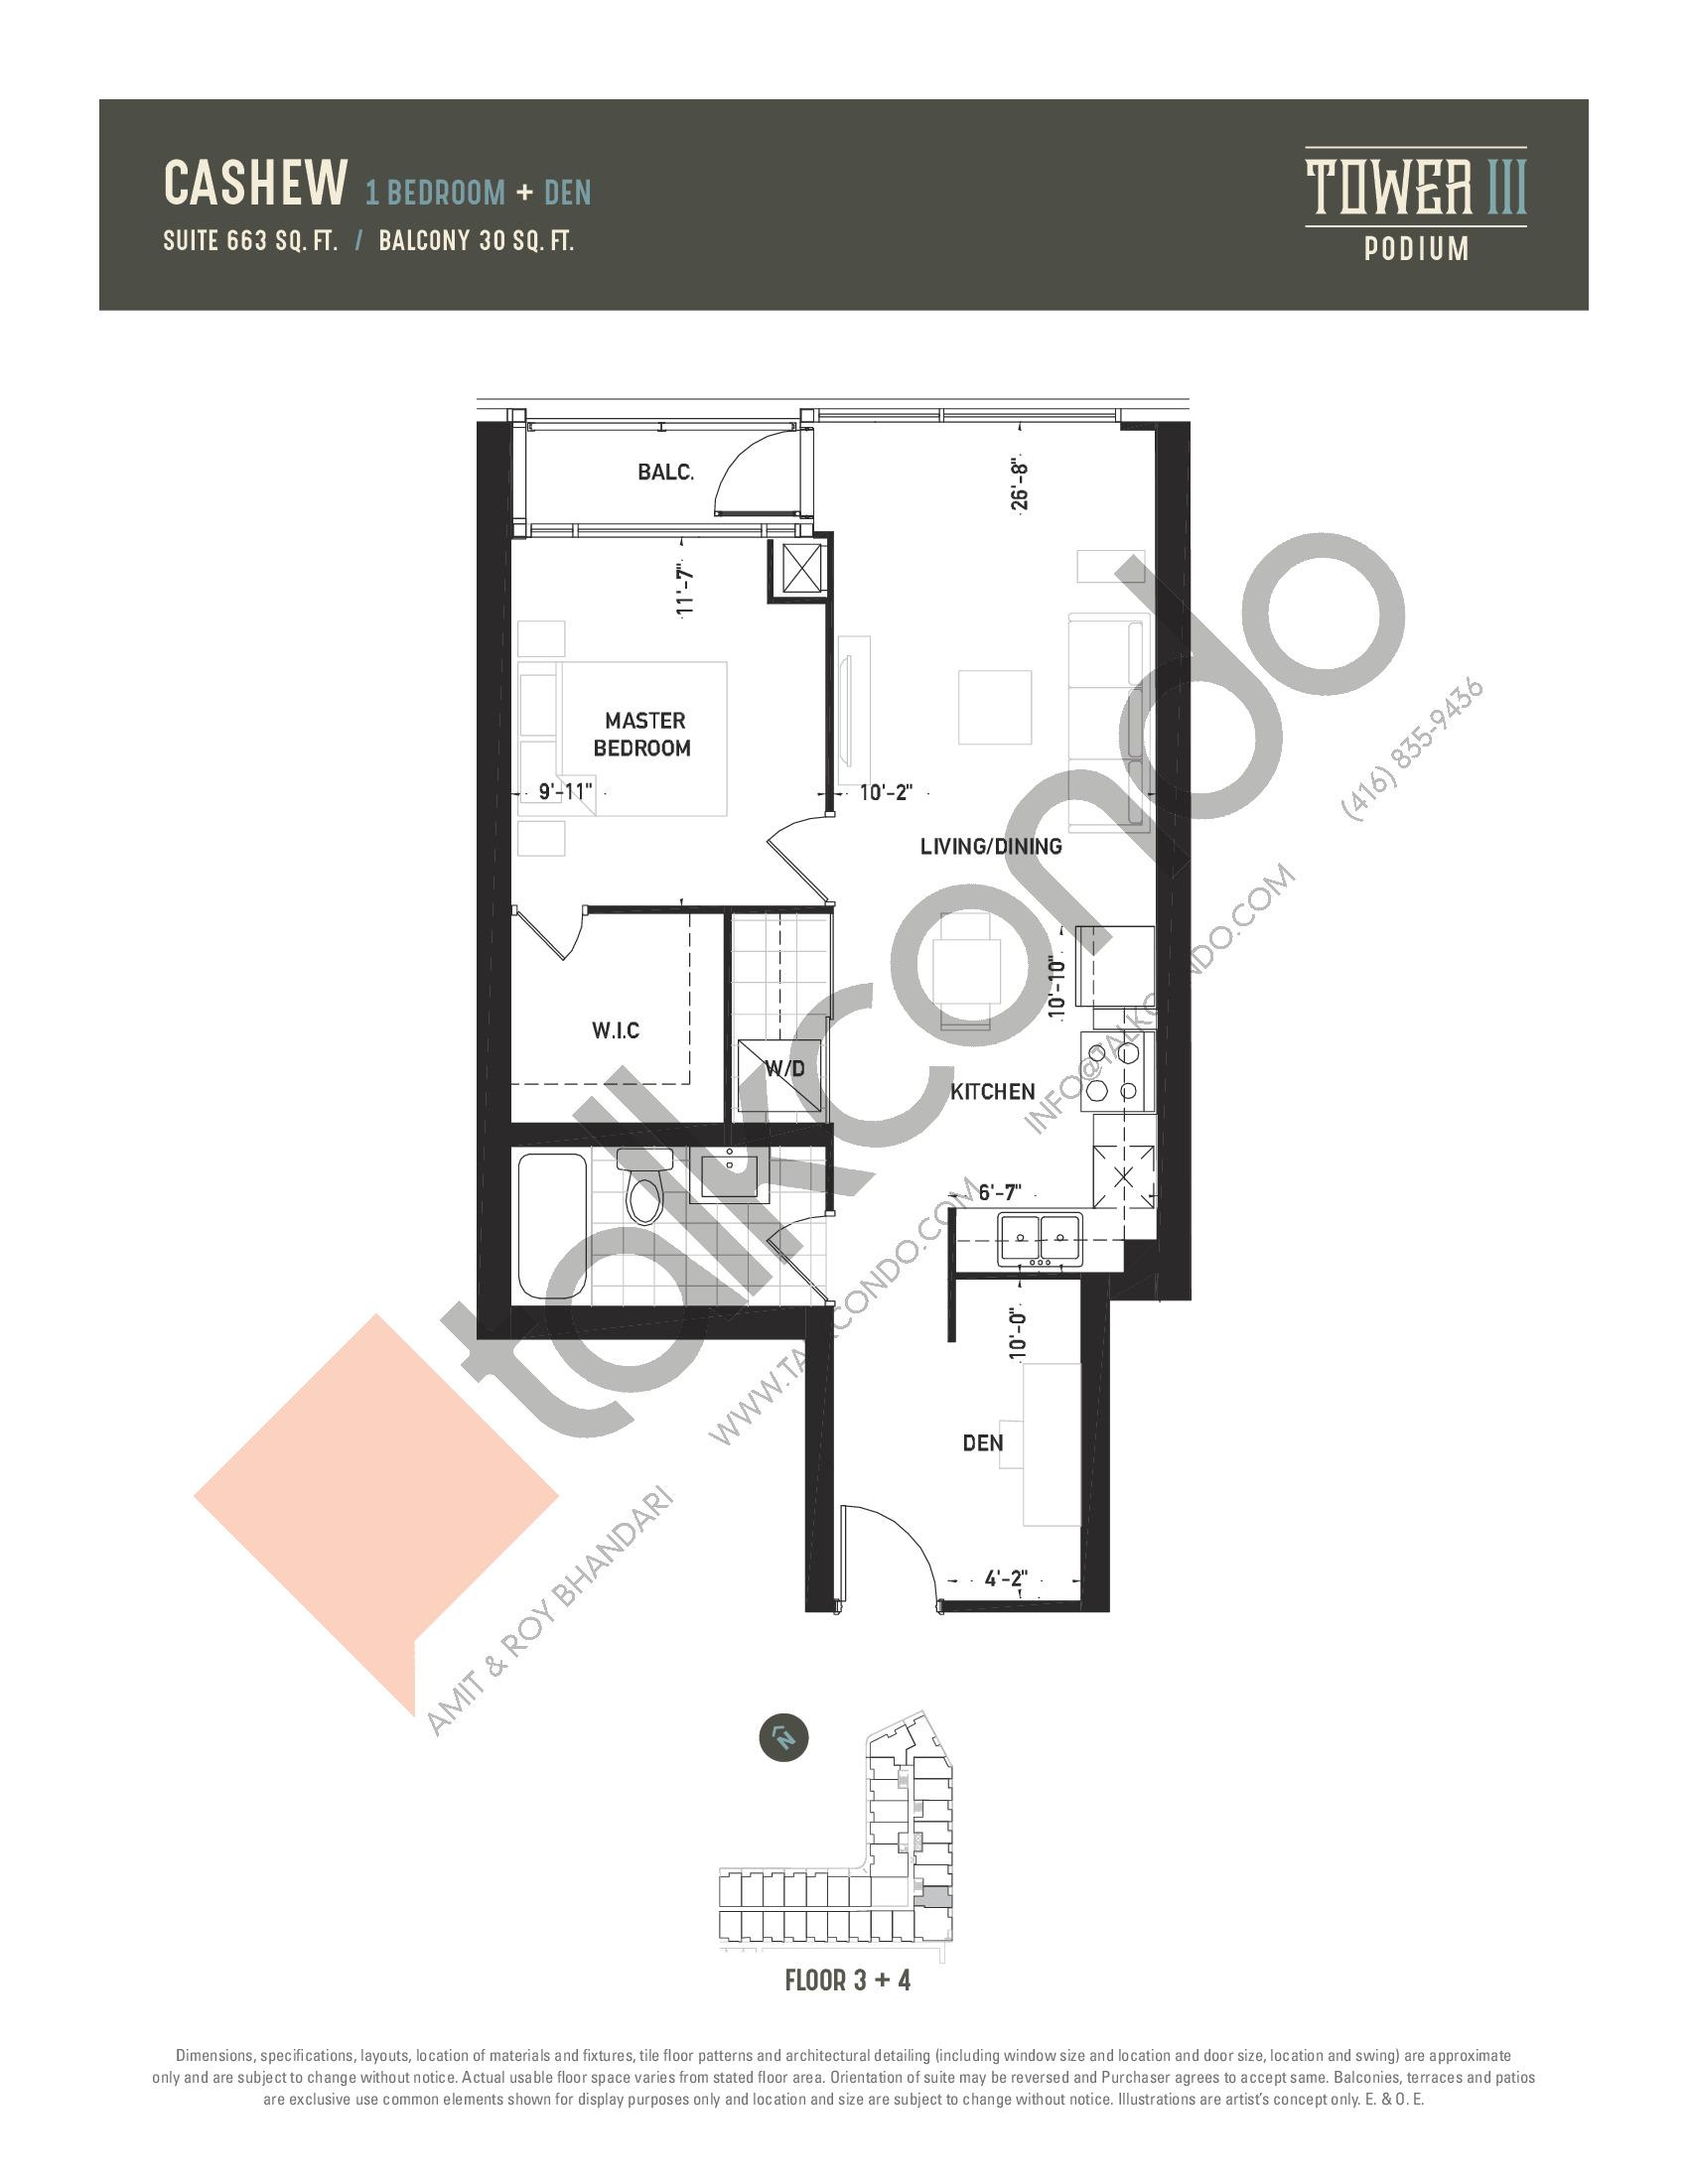 Cashew Floor Plan at Oak & Co. 3 Condos - 663 sq.ft